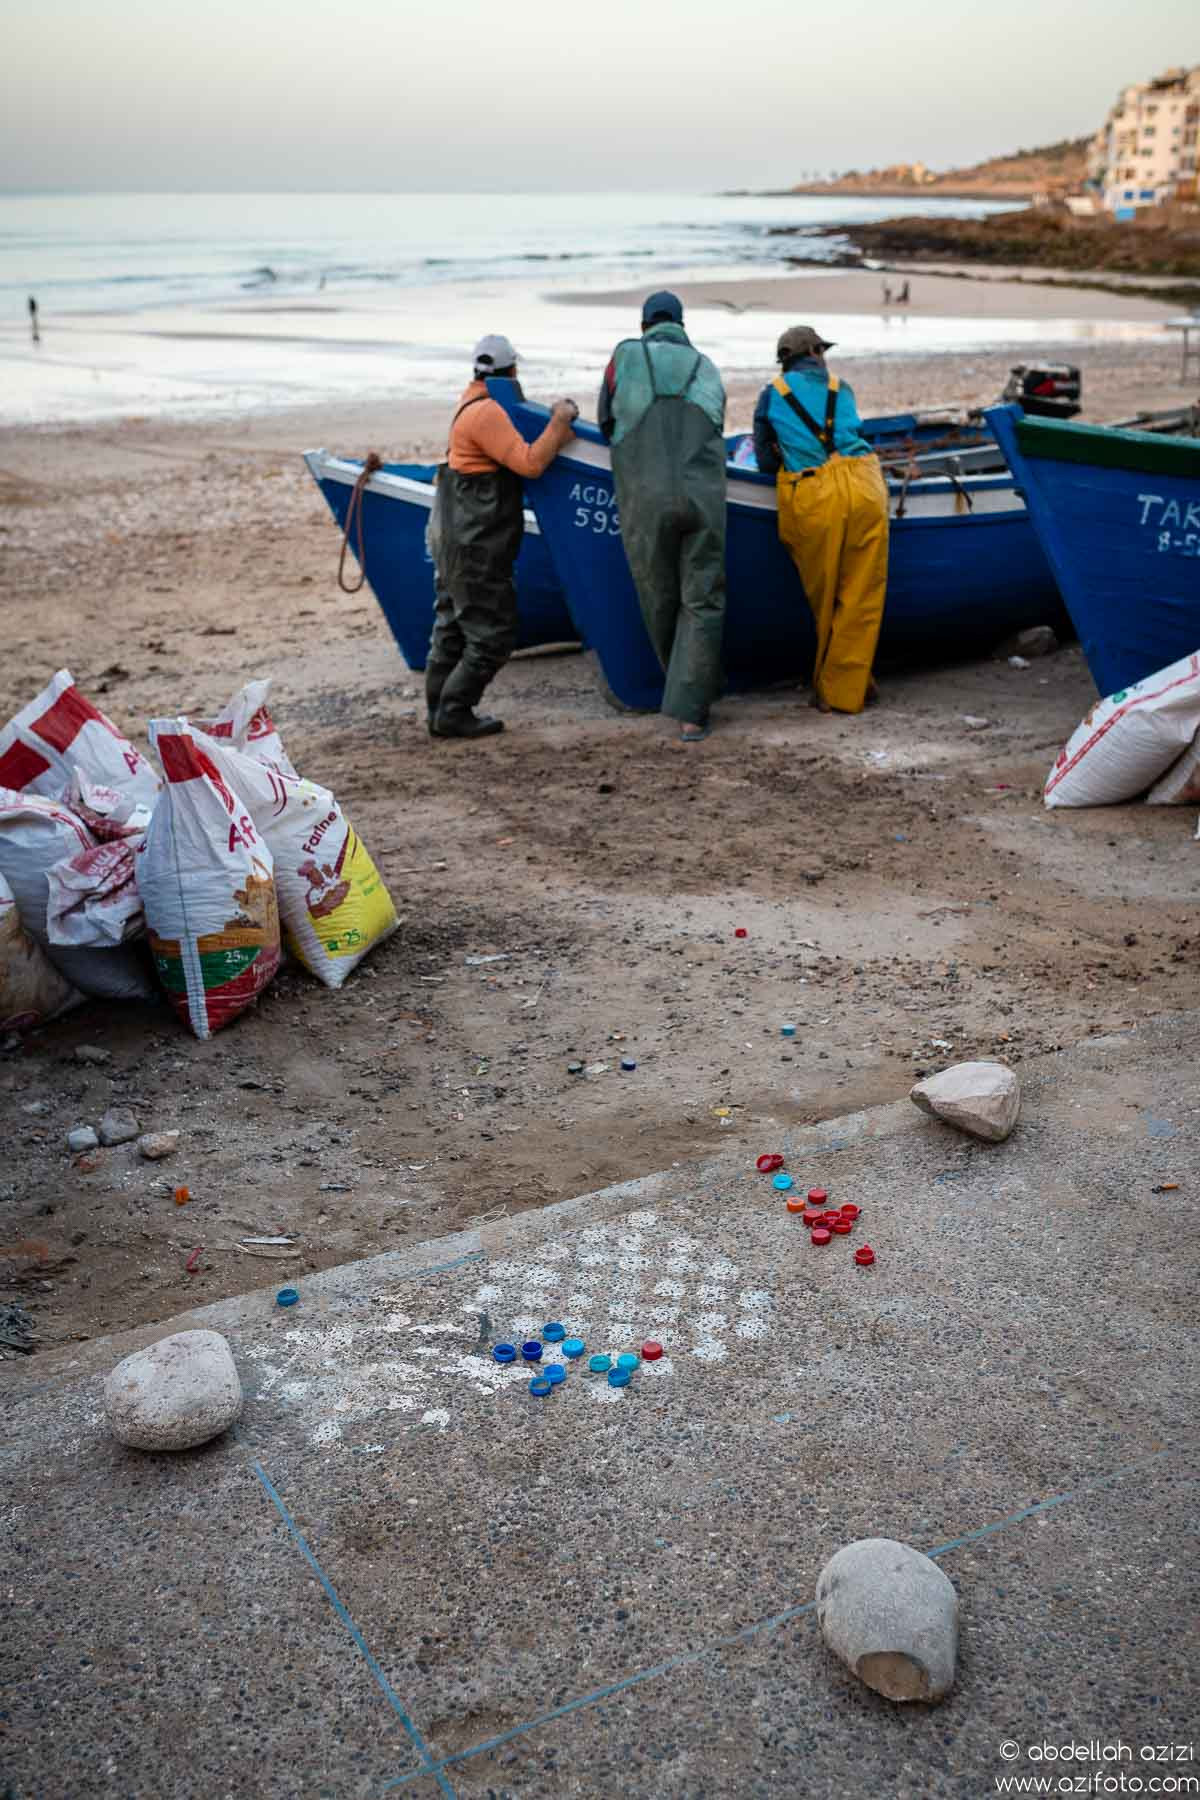 Fishermen, Taghazout village, Morocco